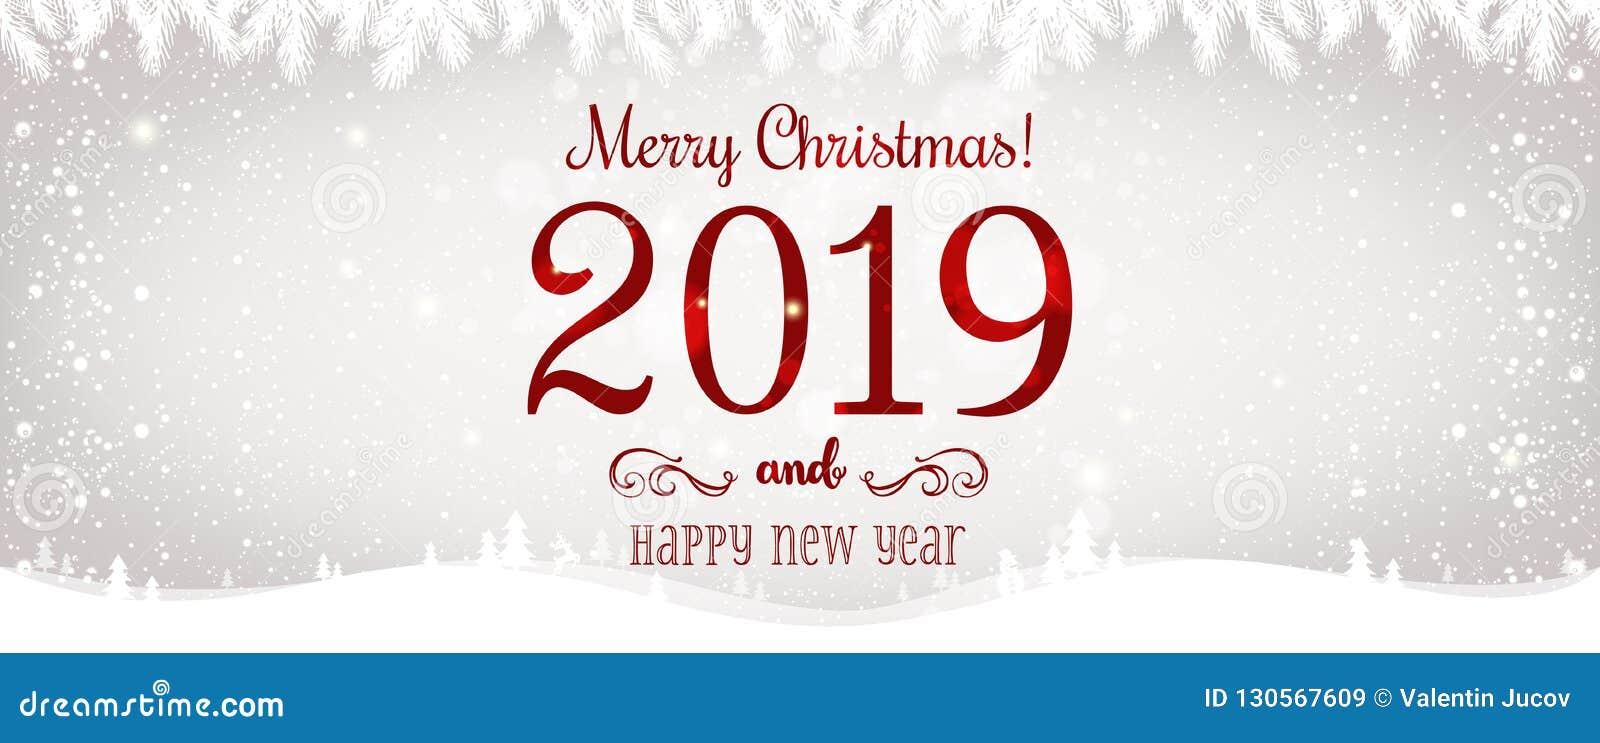 Das Weihnachten und neues Jahr, die auf glänzendem Weihnachtshintergrund mit Winter typografisch sind, gestalten mit Schneeflocke